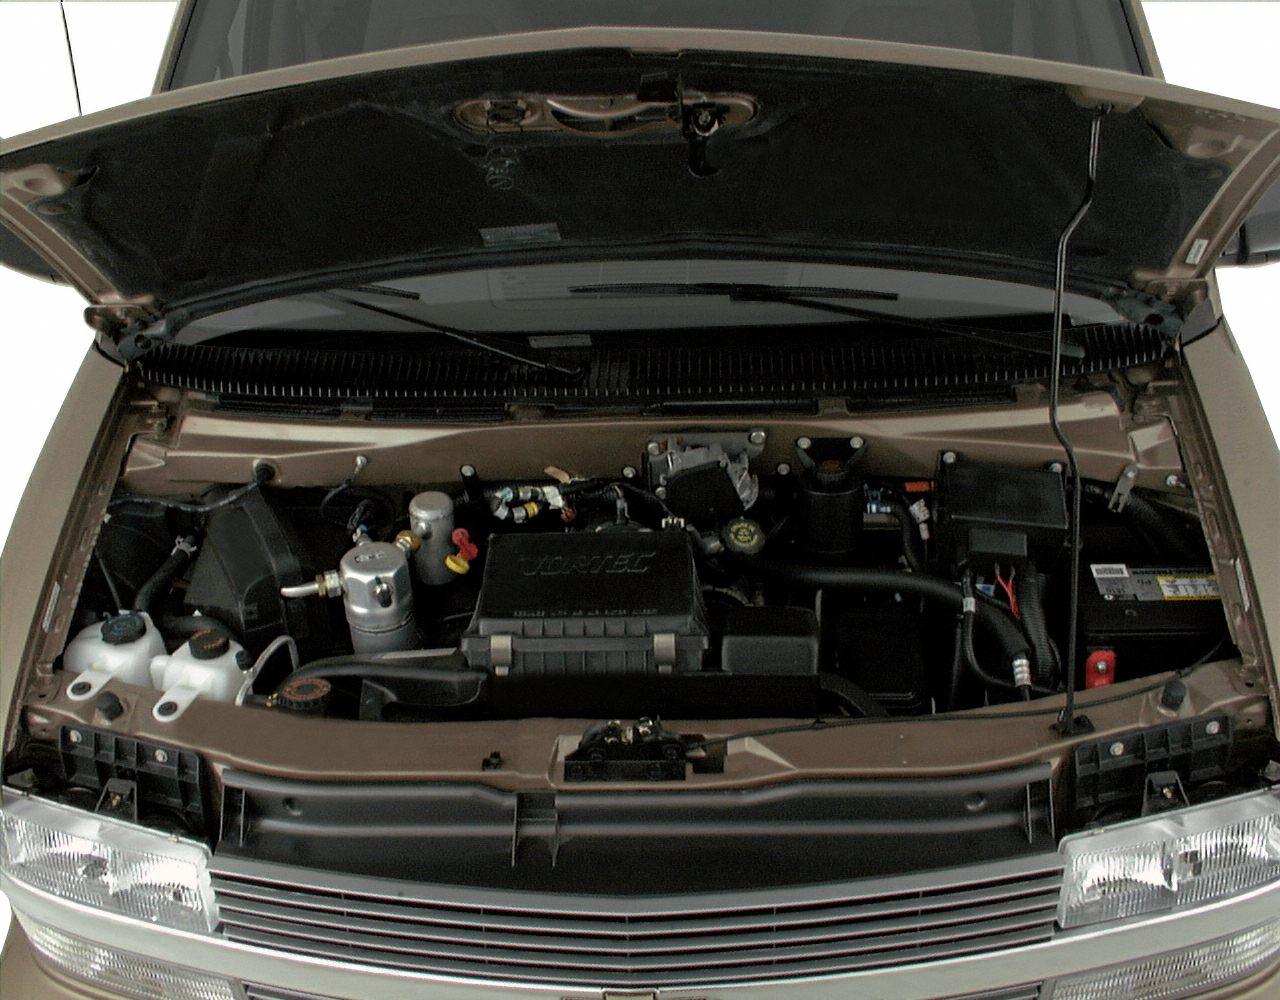 2000 Chevrolet Astro Specs and Prices